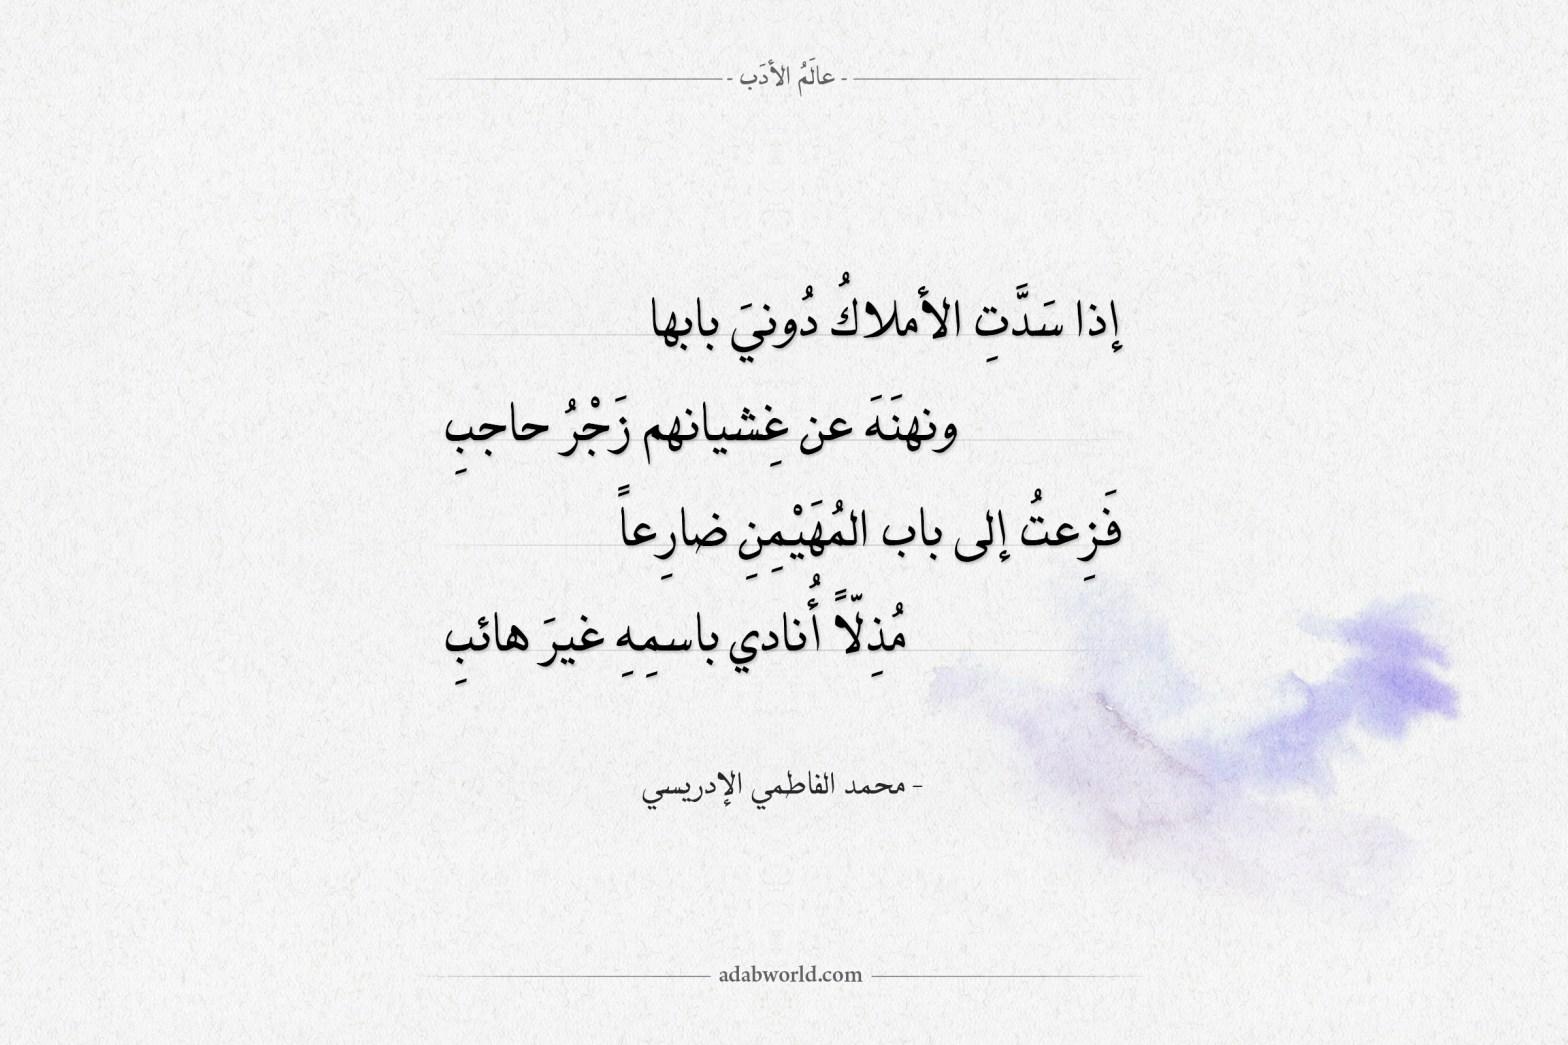 شعر محمد الفاطمي - إذا سدت الأملاك دوني بابها